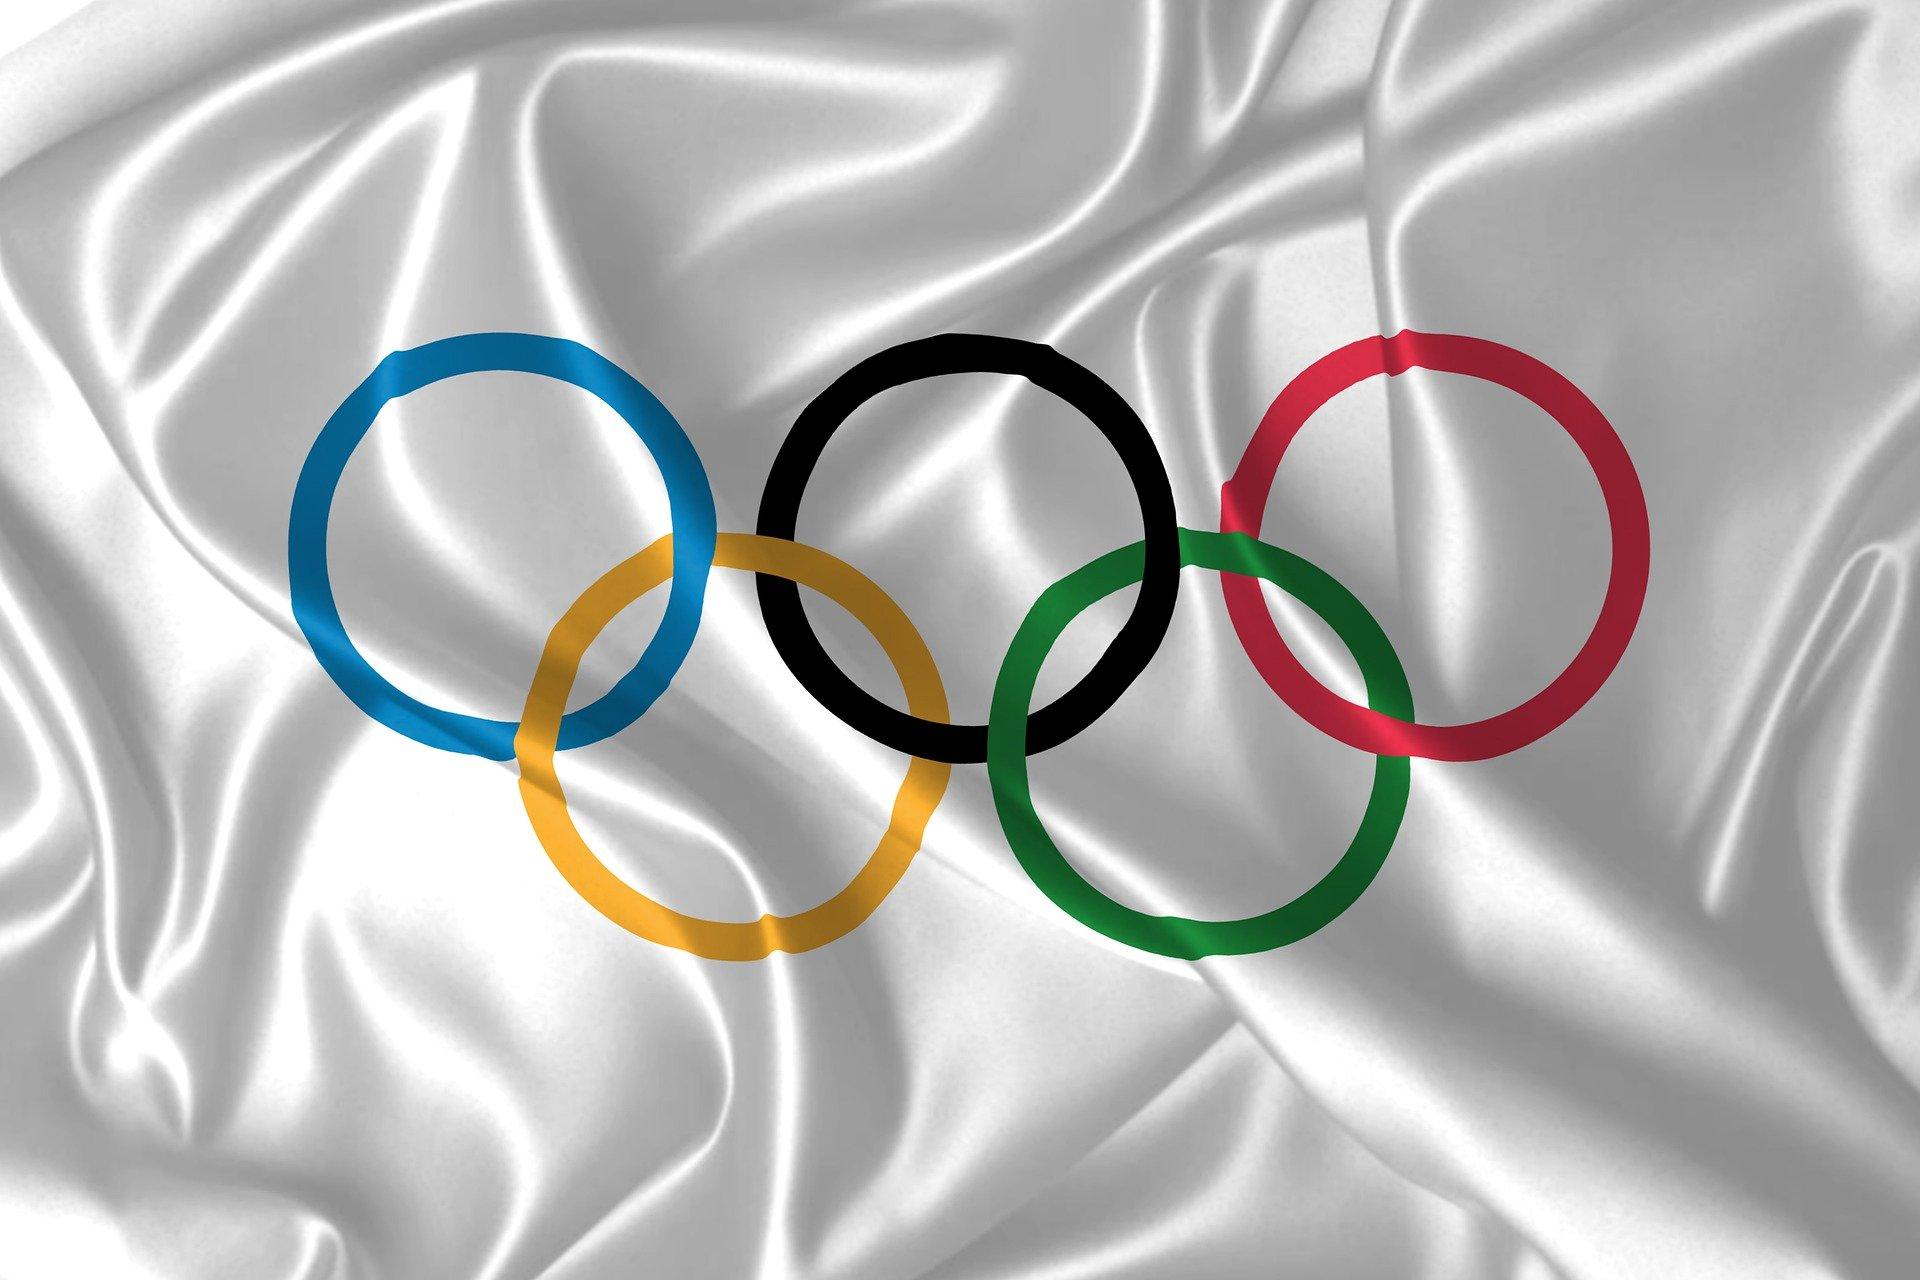 Steagul olimpic